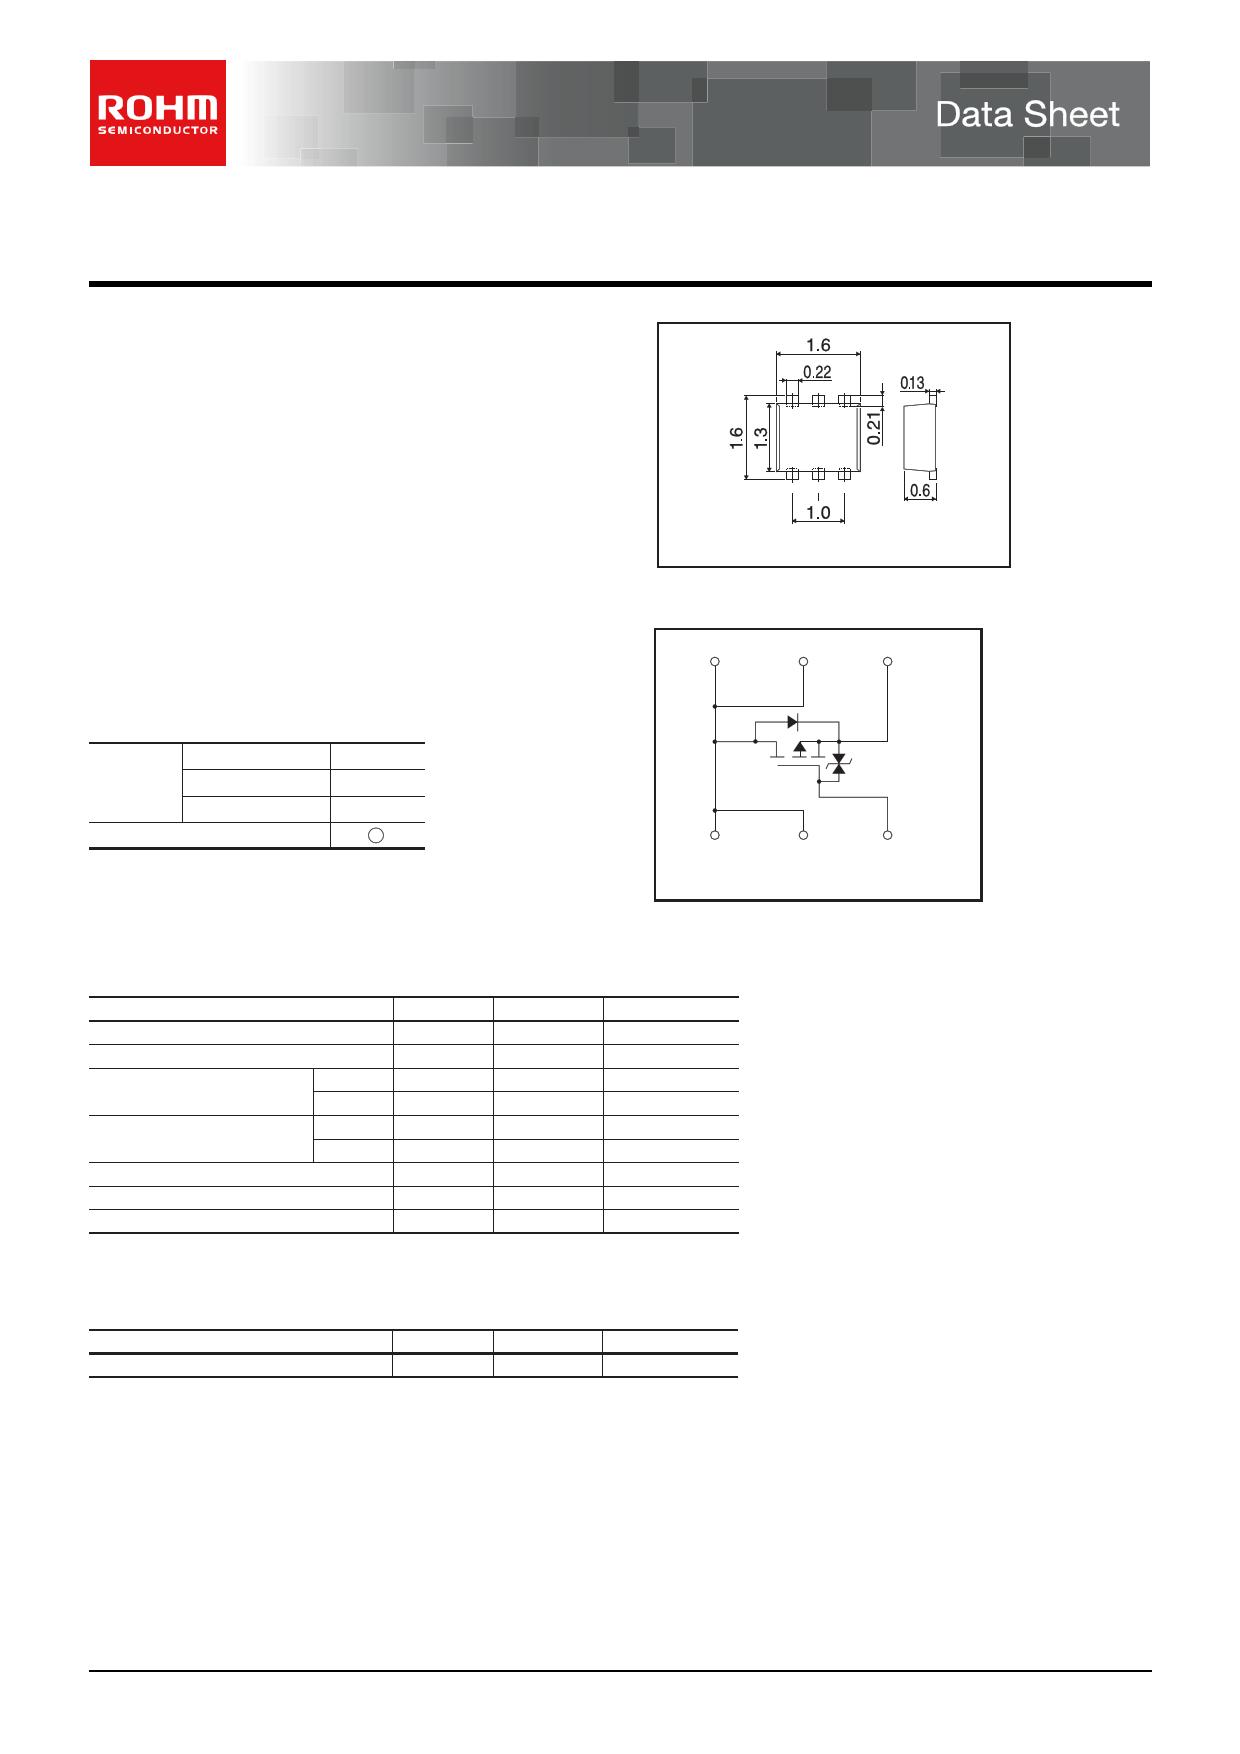 RW1A020ZP Datenblatt PDF